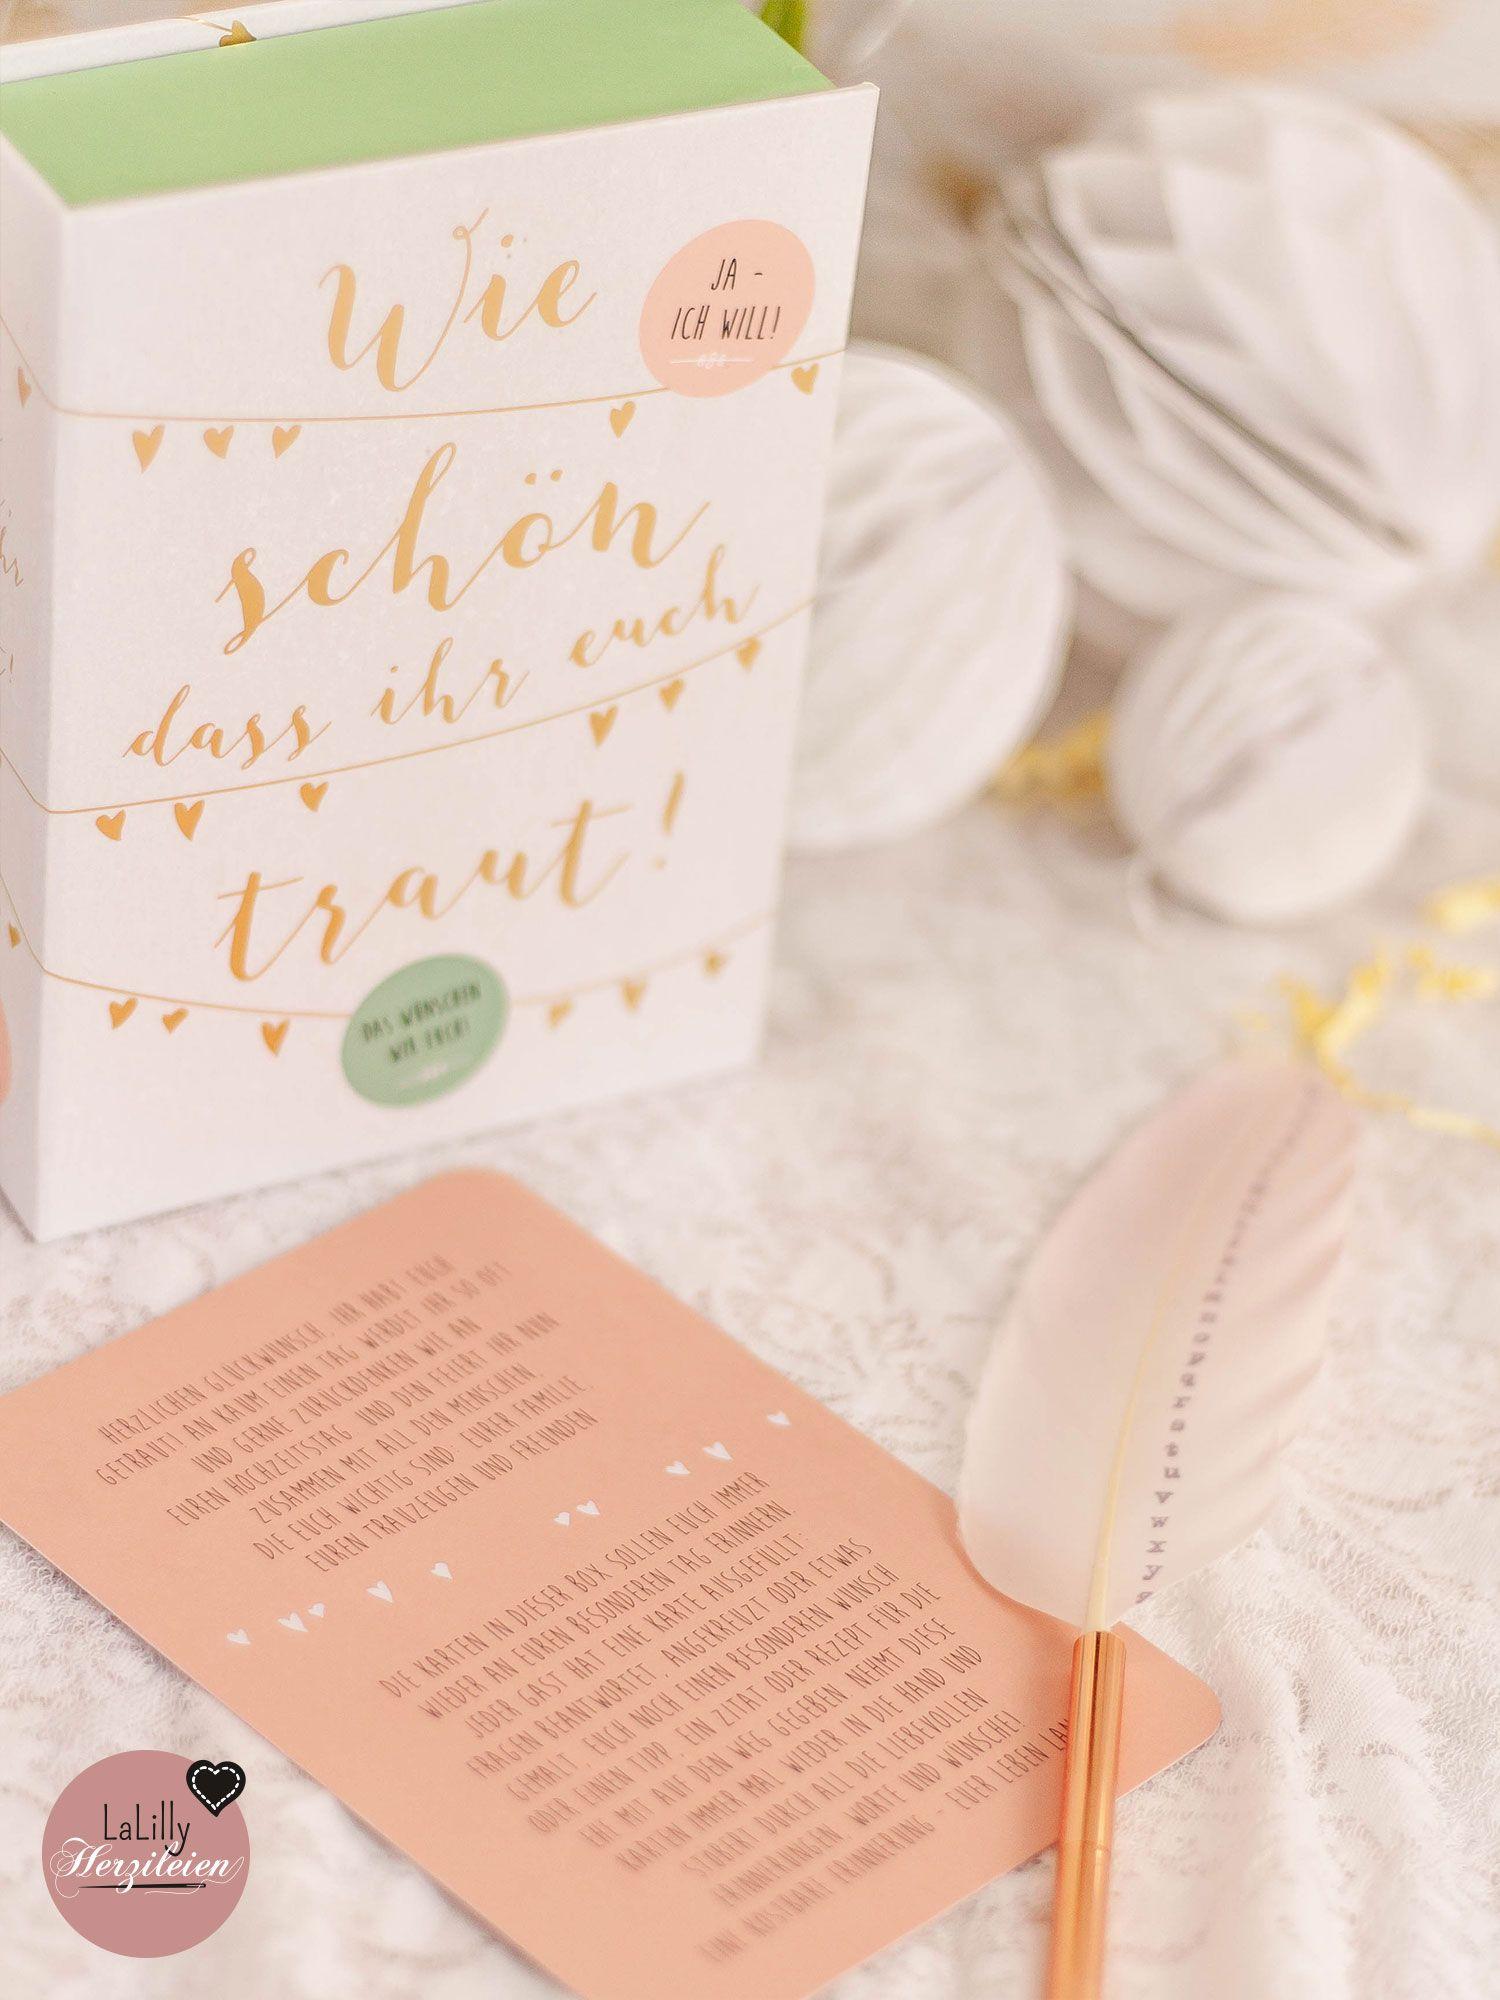 Anzeige Ein Hochzeitsgeschenk Soll Personlich Sein Und Gern Selbstgemacht Mit Me Geschenkideen Hochzeit Hochzeitsgeschenk Personliche Geschenke Zur Hochzeit